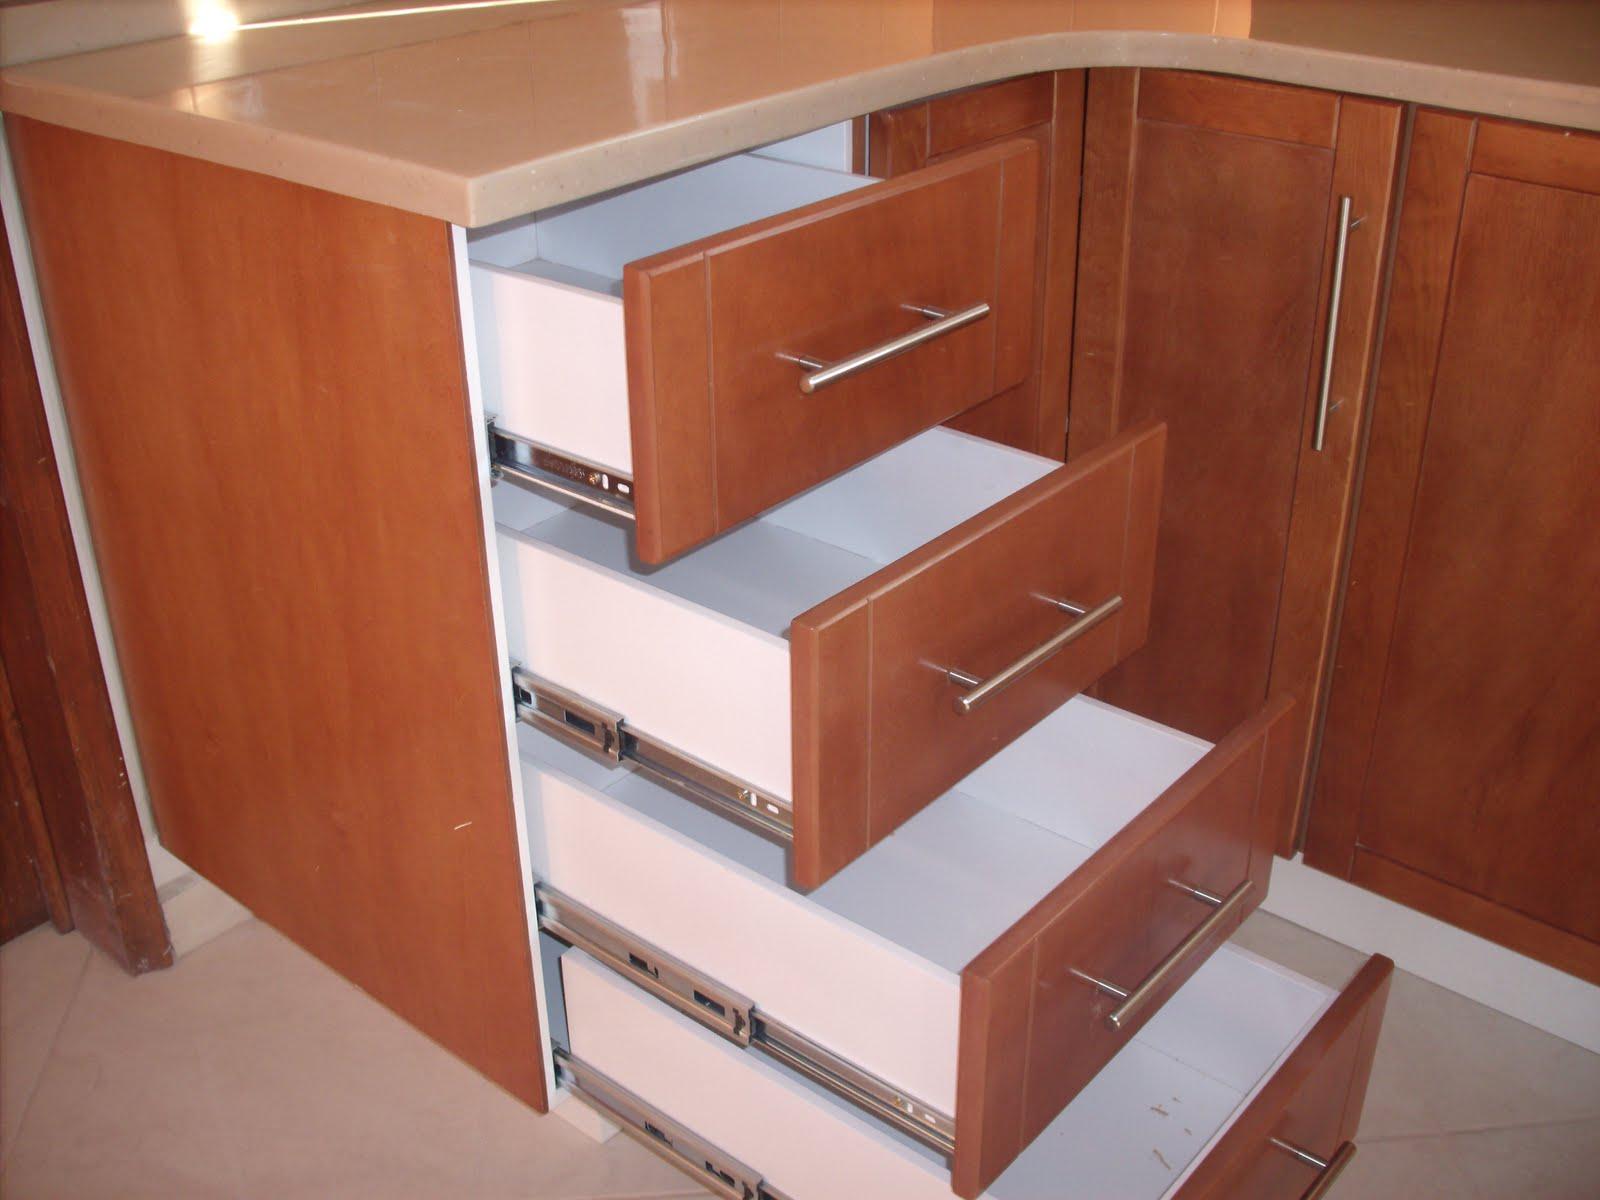 Heynez cocinas modernas cocina con superficie solida heynez for Superficie cocina